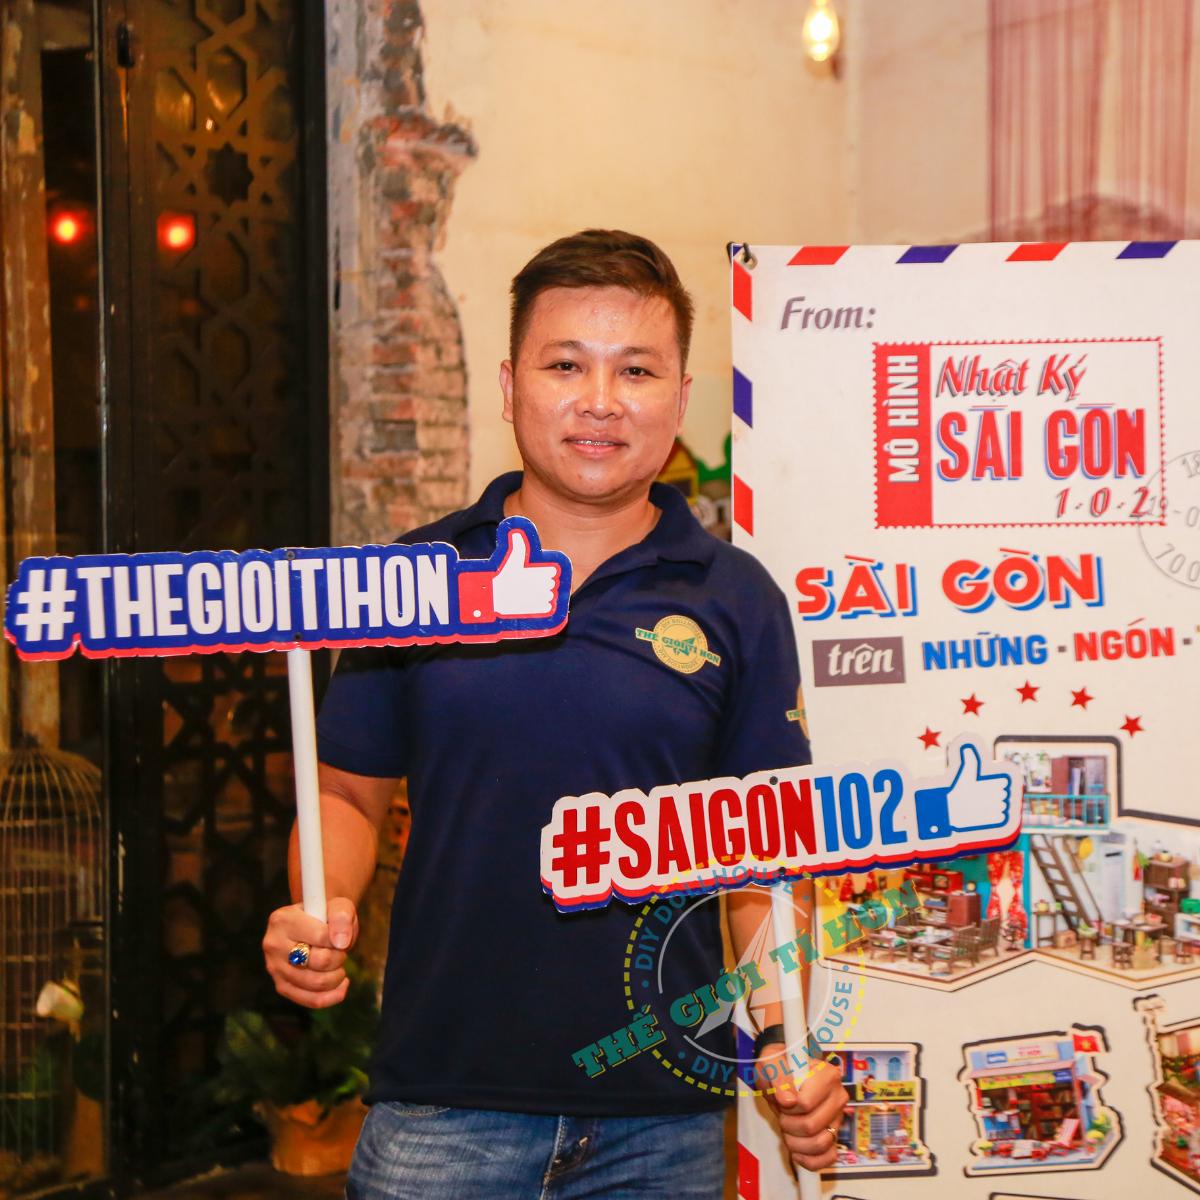 Sự Quyến Rũ Khó Cưỡng Tại Triển Lãm Nhật Ký Sài Gòn 102 - Sài Gòn Trên Những Ngón Tay